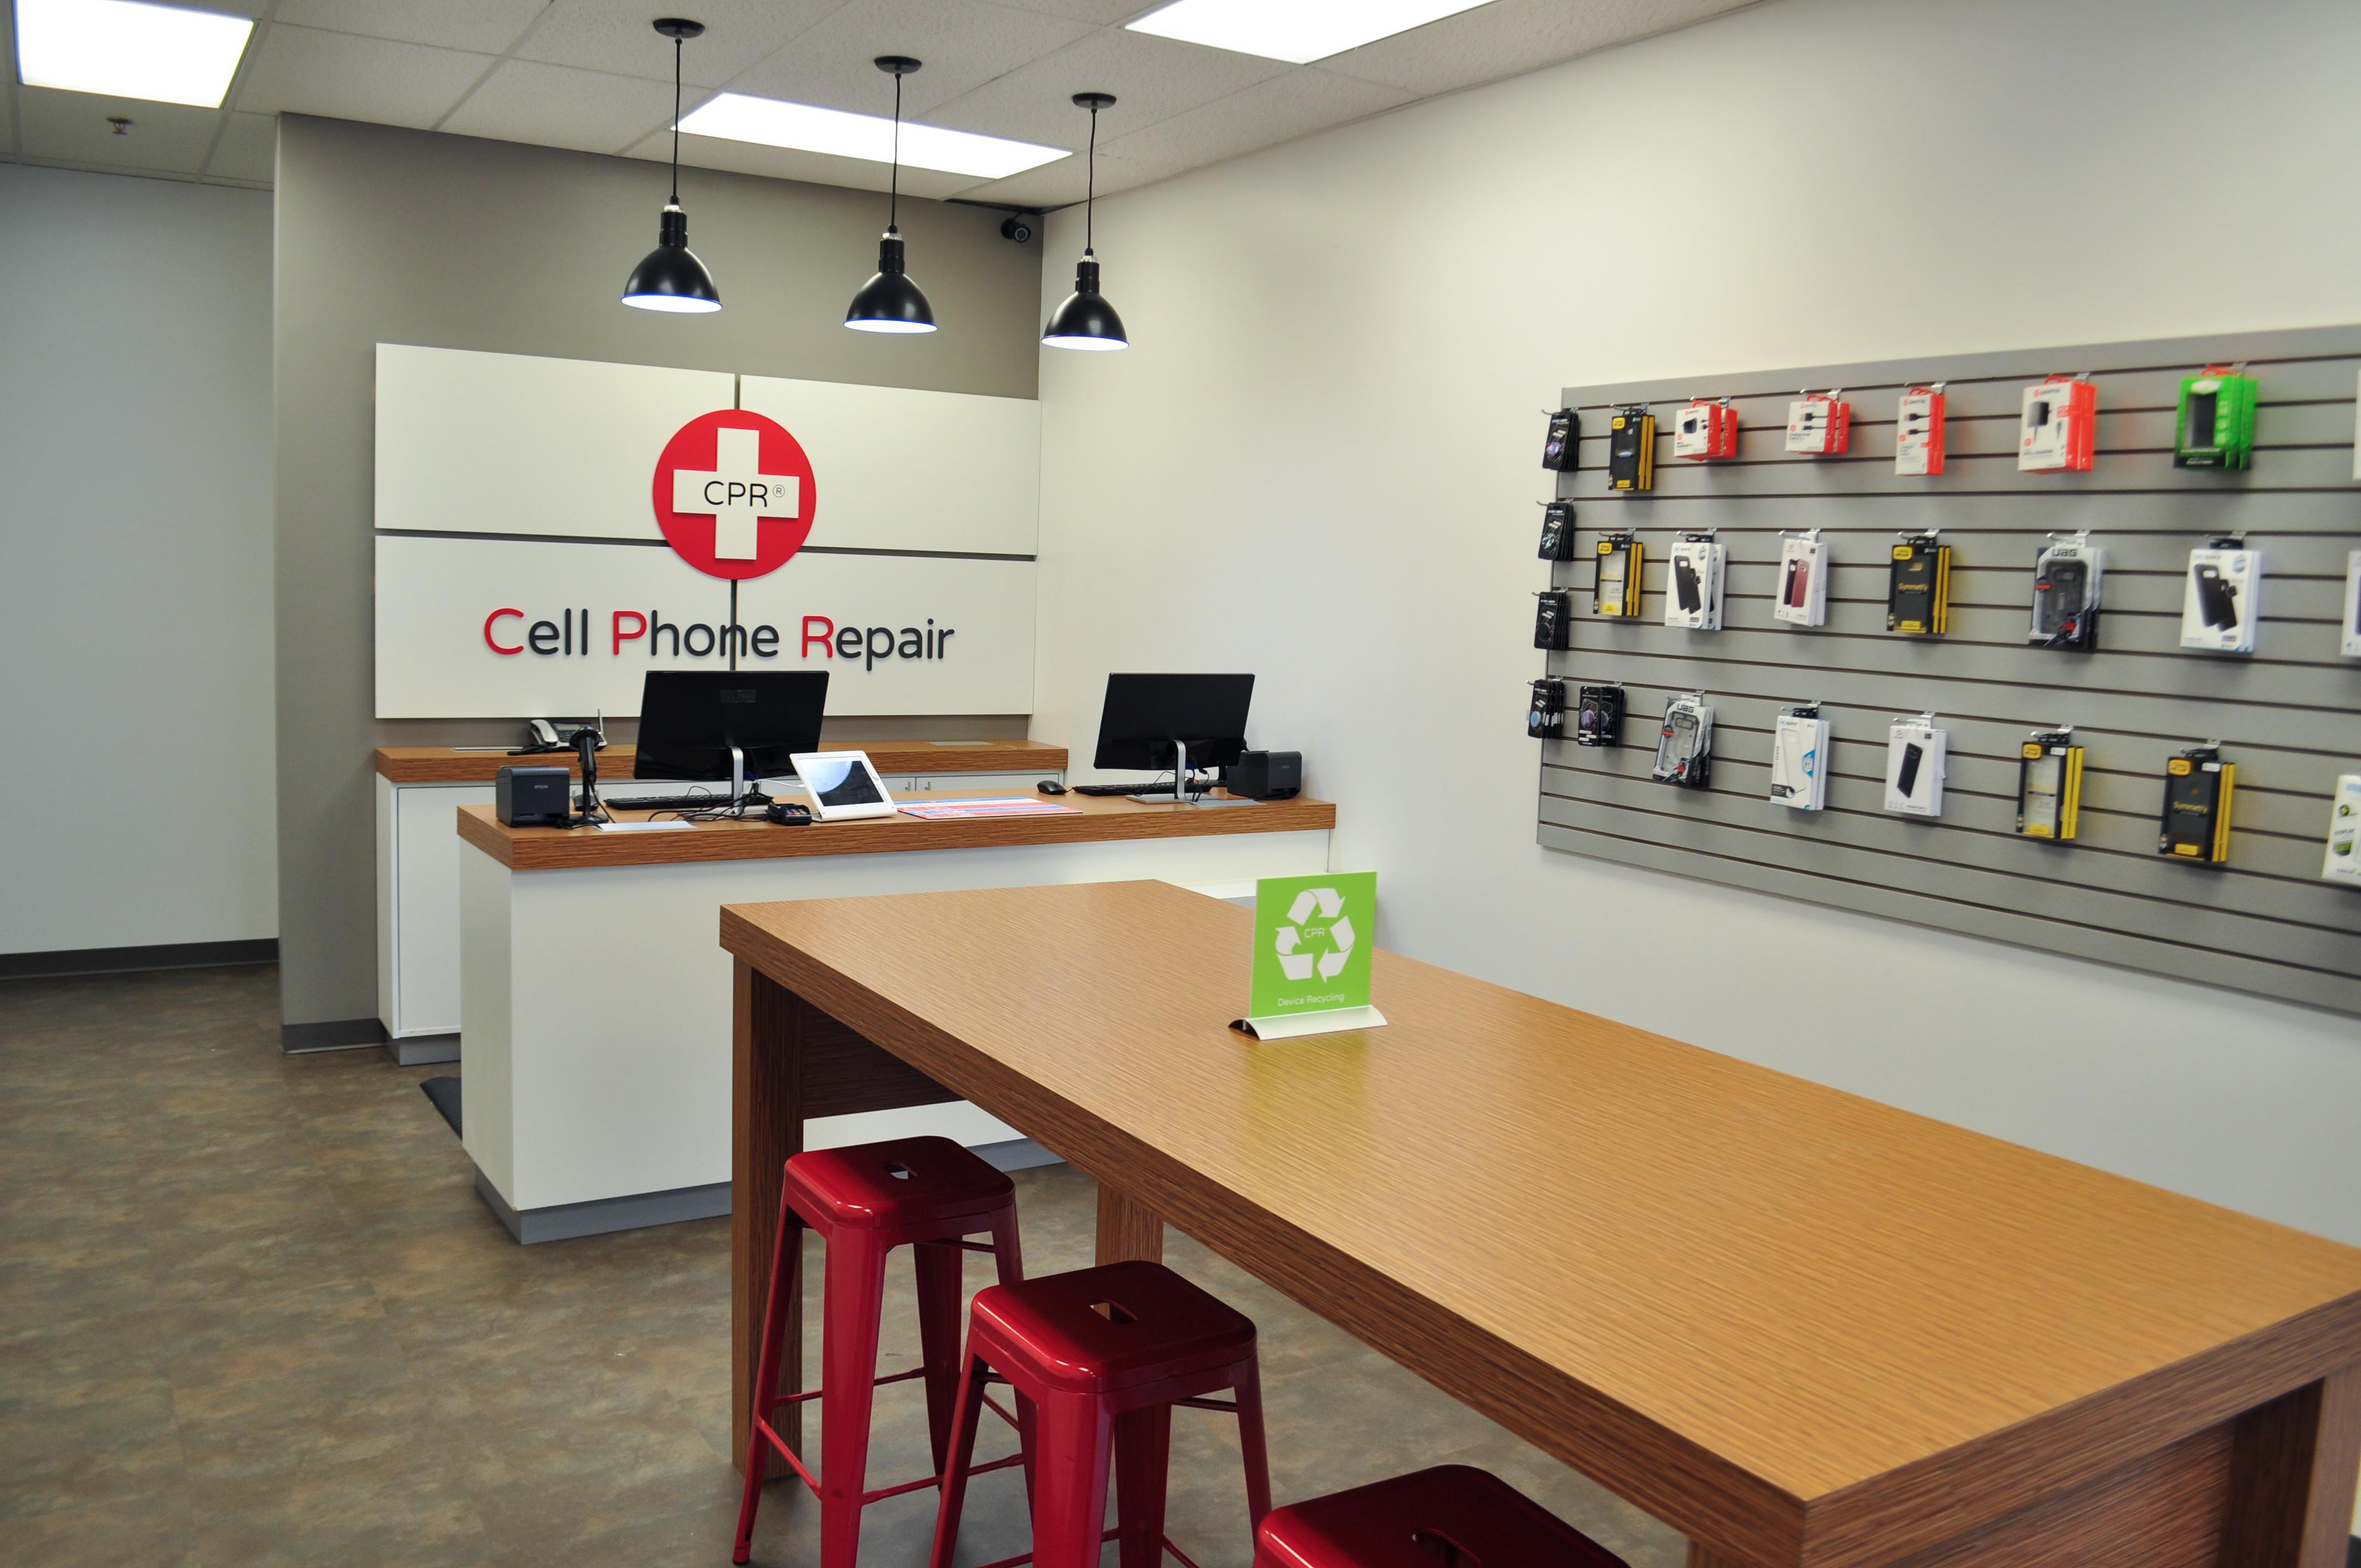 CPR Cell Phone Repair Atlanta - Druid Hills image 1